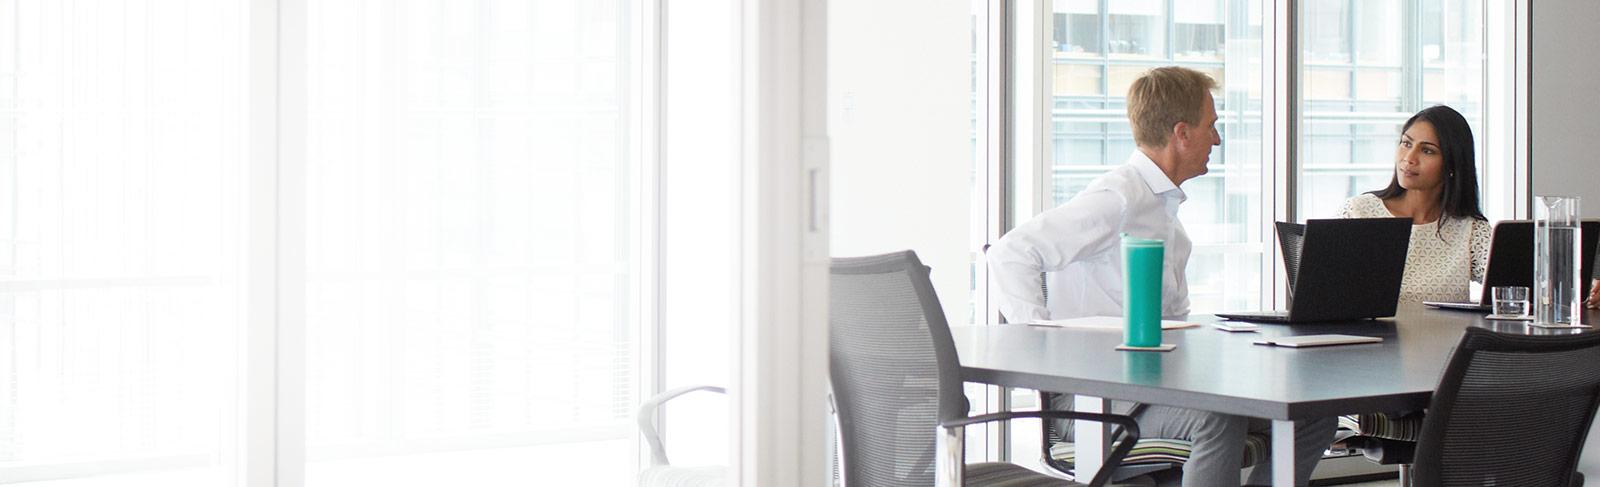 Dva zaposlena v konferenčni sobi v prenosnikih uporabljata Office 365 Enterprise E3.